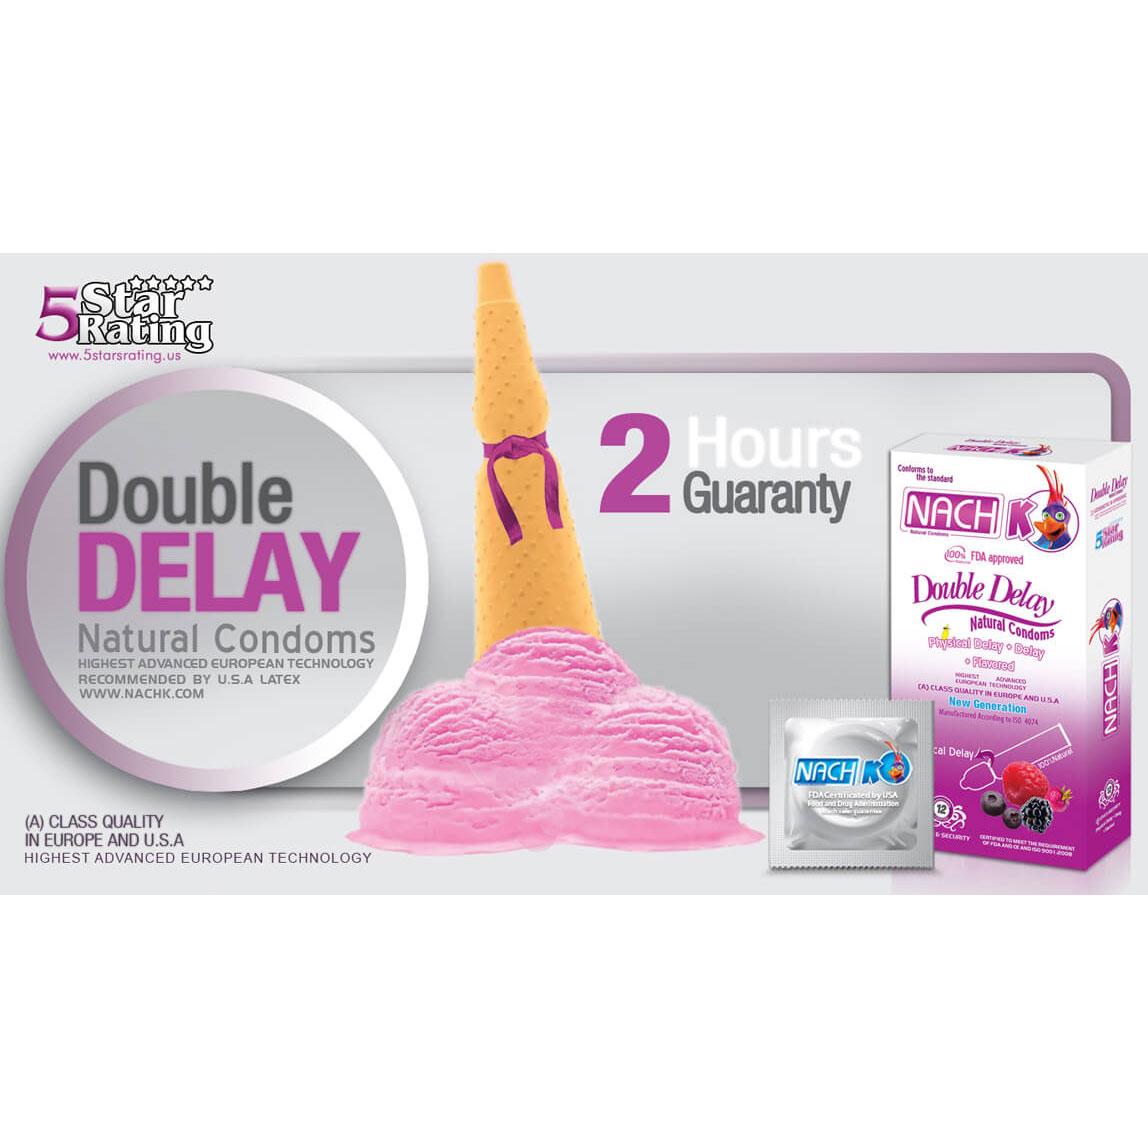 کاندوم تاخیری دابل دیلی NACH Kodex-Double Delay دو برابر تاخیر فیزیکی و گیاهی